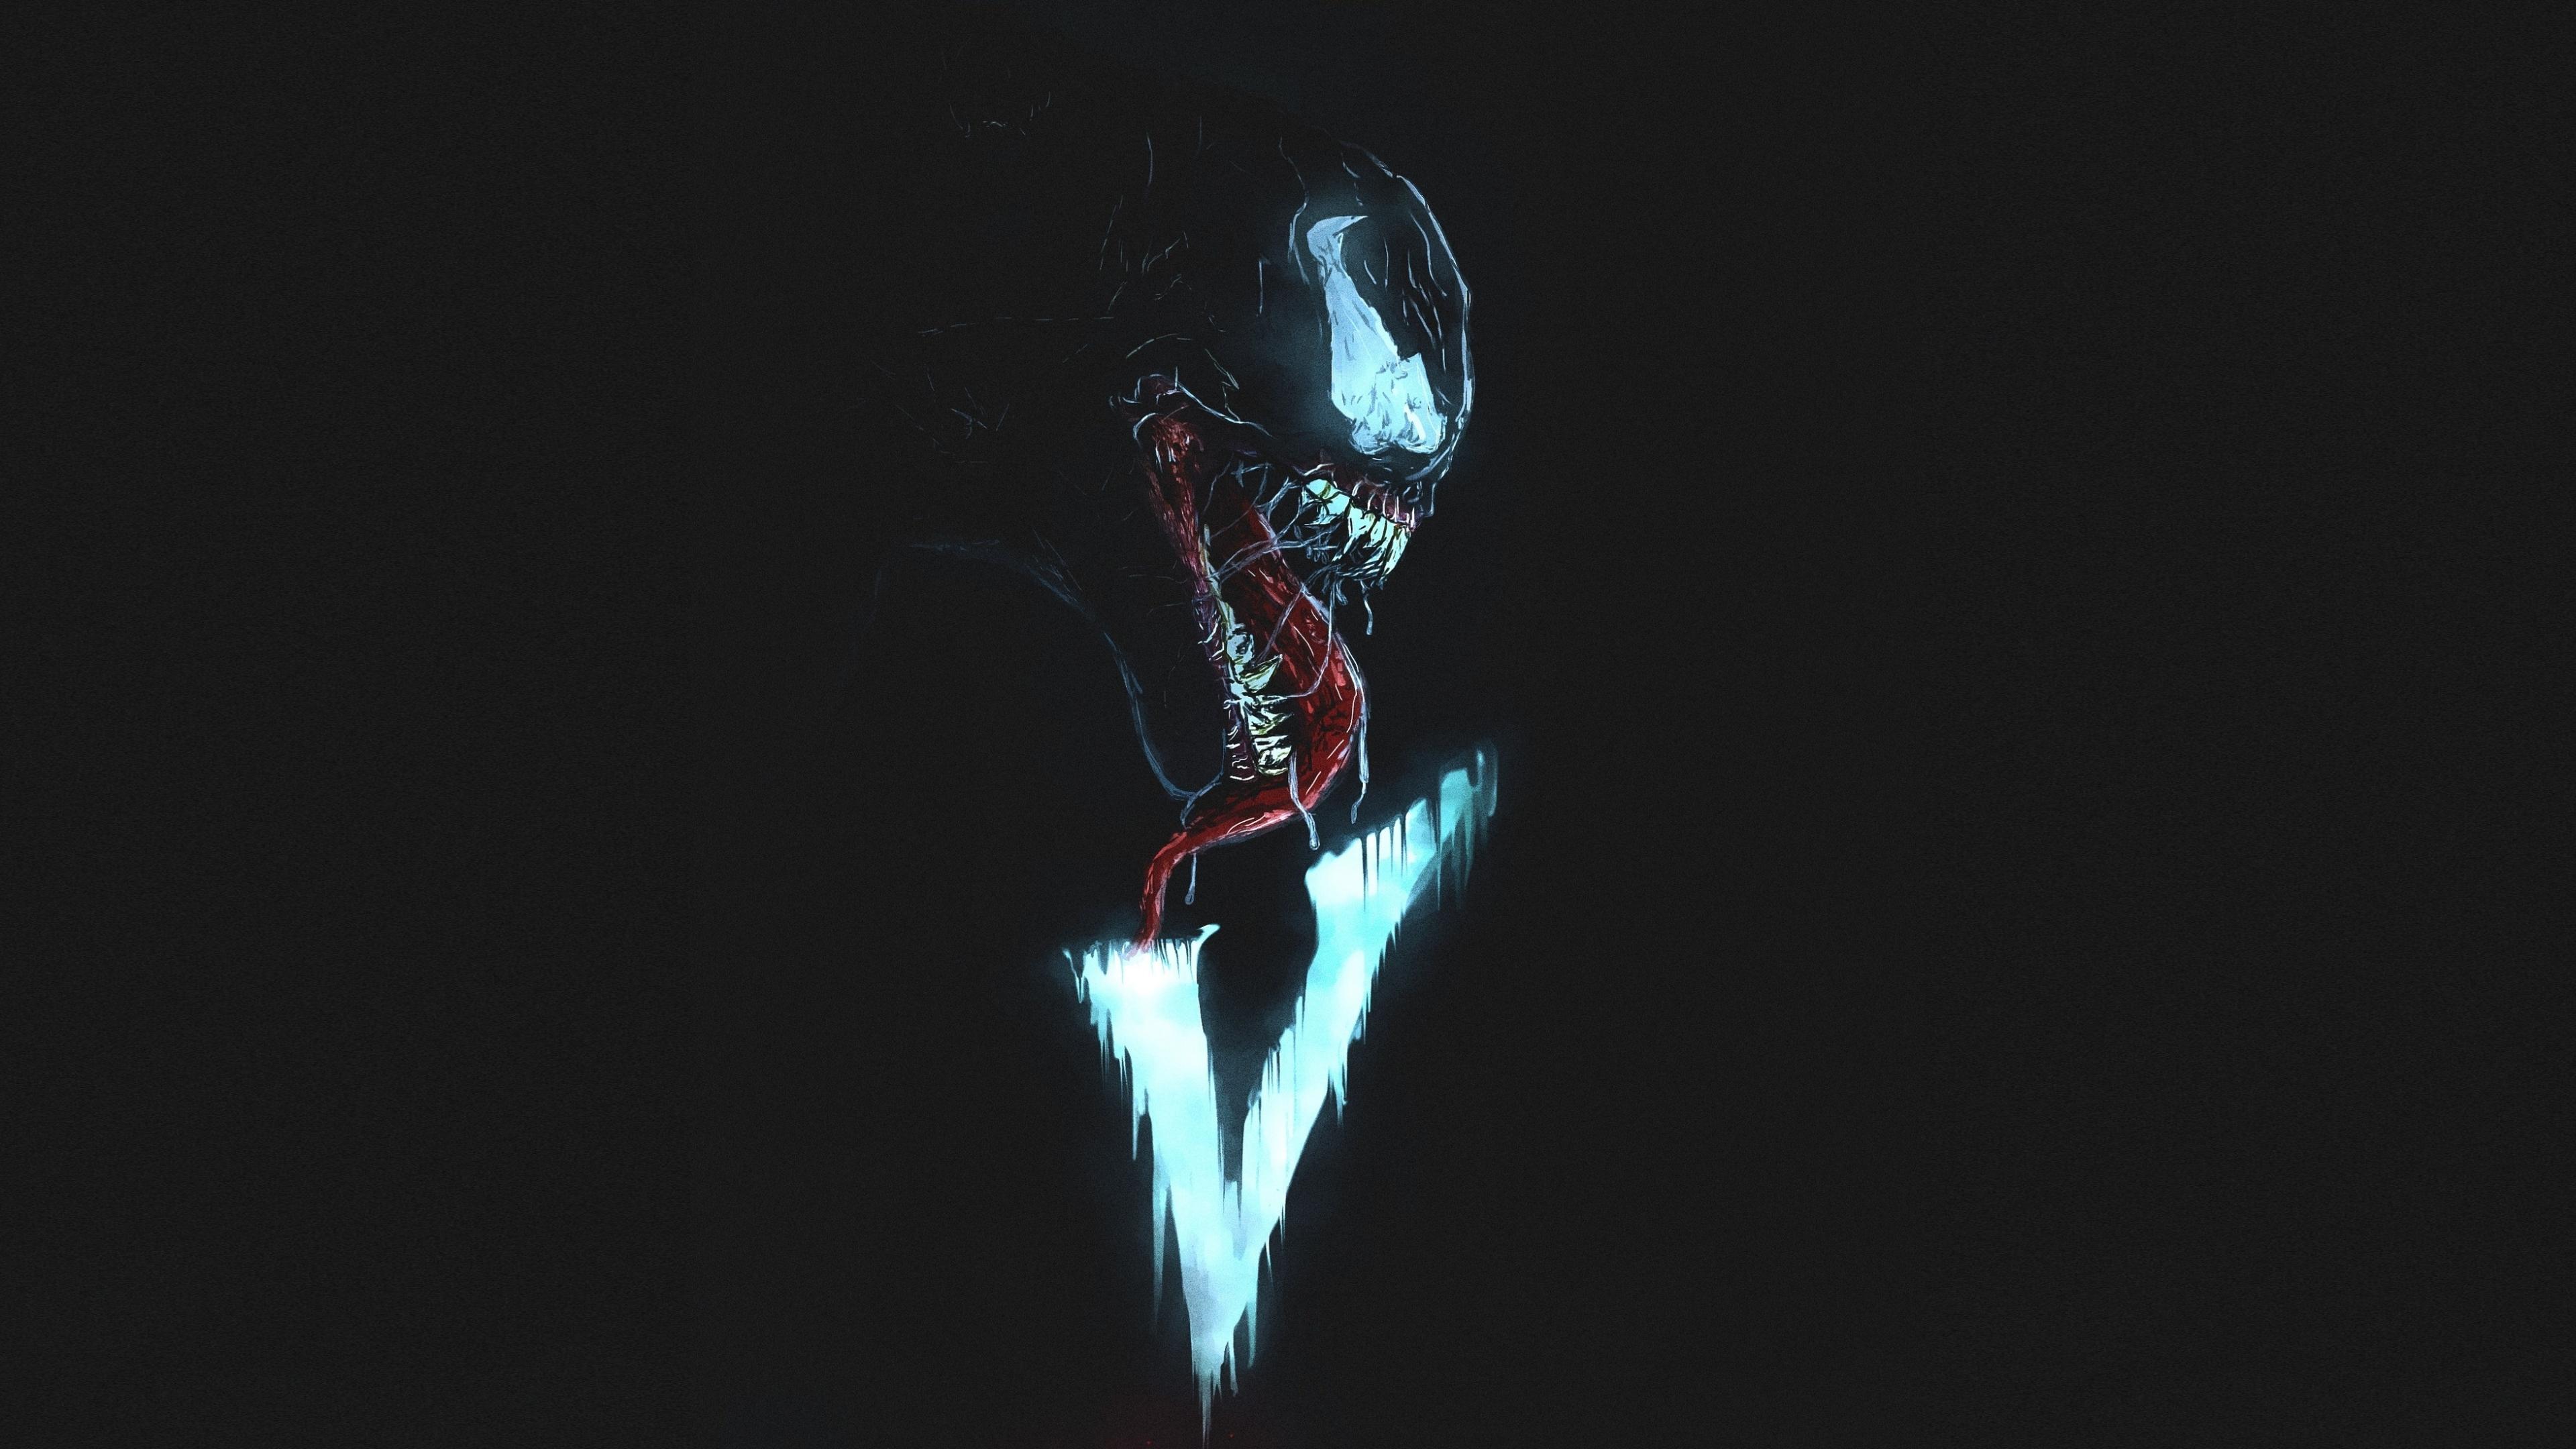 Download 3840x2160 wallpaper venom villain minimal - 4k wallpaper venom ...